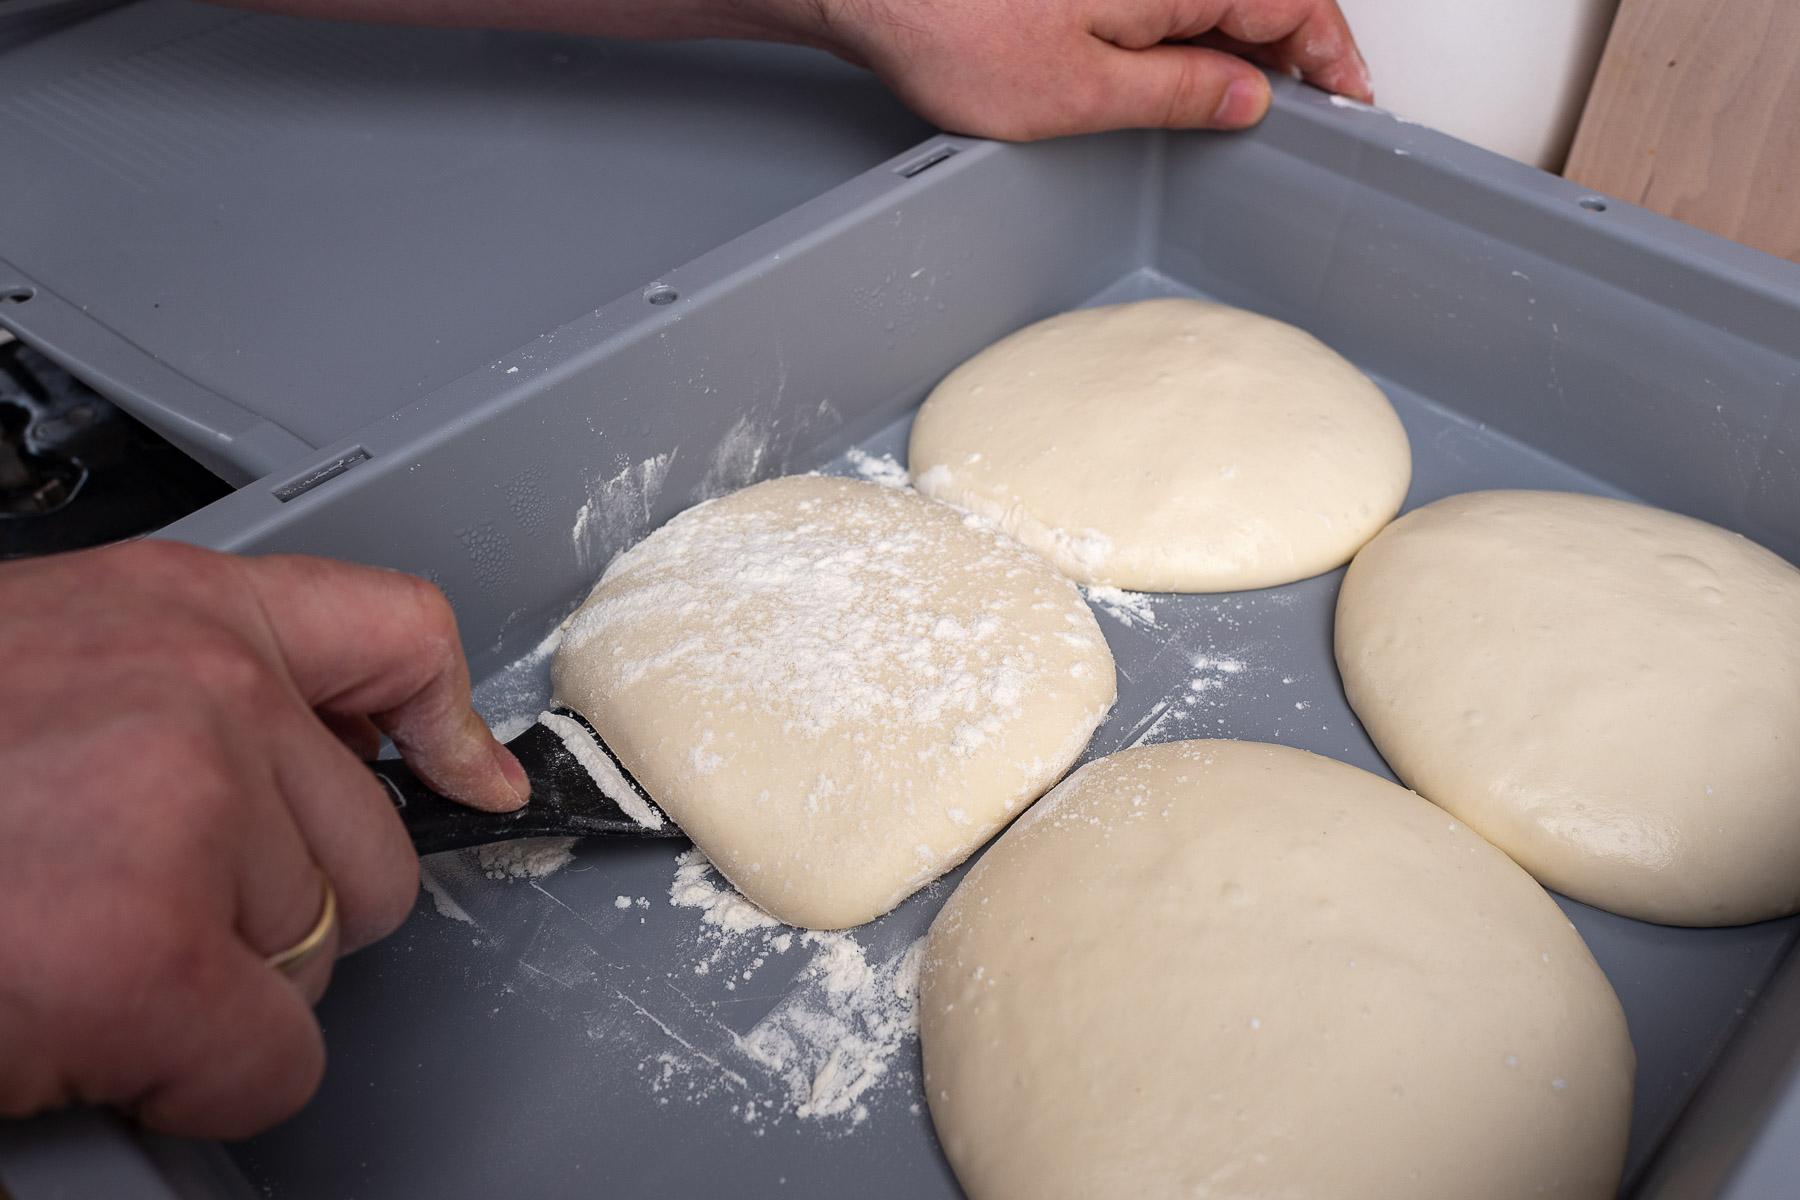 kulkę podsypujemy mąką z wszystkich stron, podważamy i jednym zdecydowanym ruchem podnosimy do góry używając szpachelki